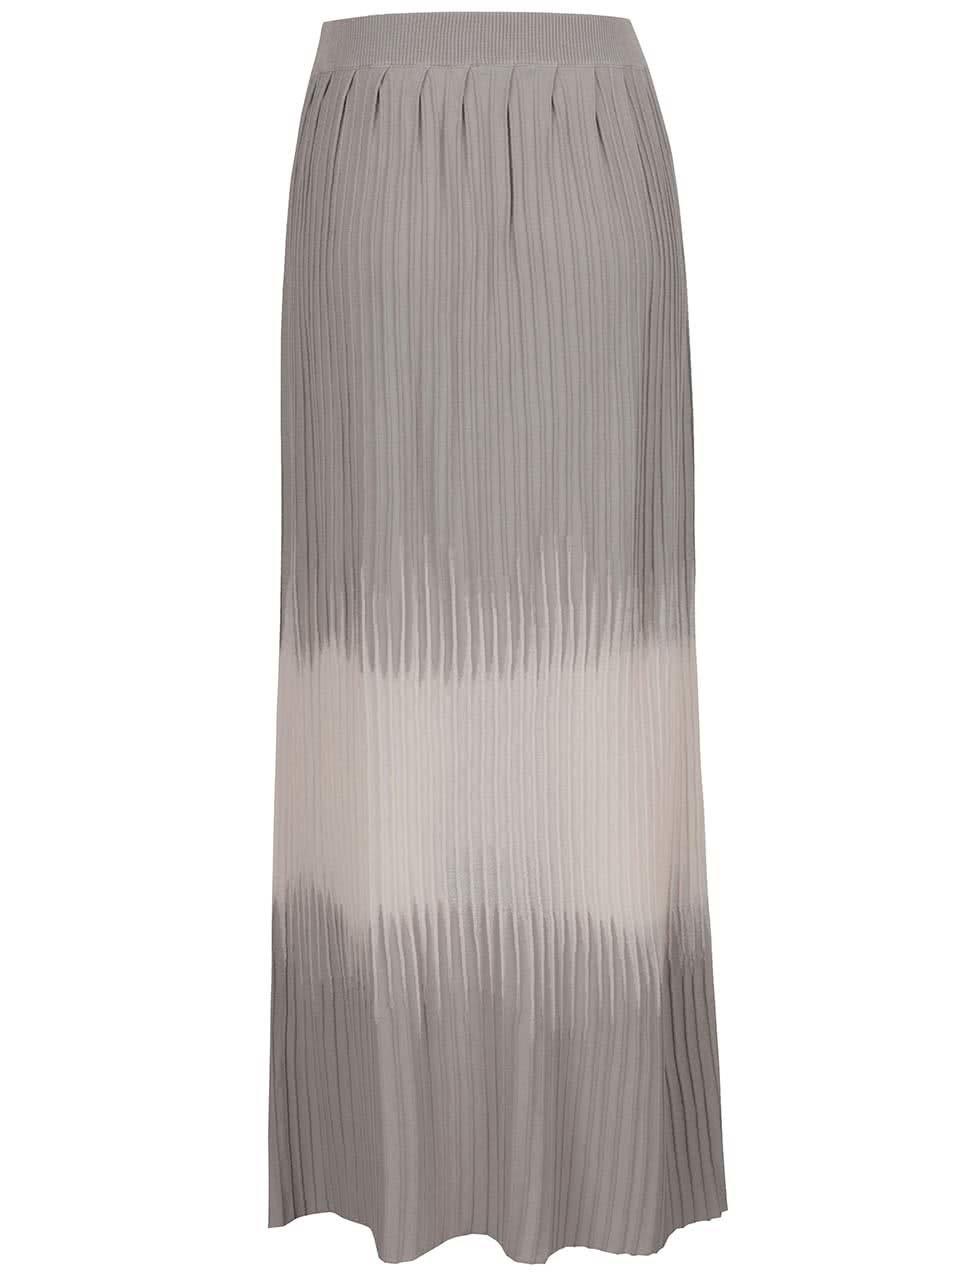 290c021d3769 Ružovo-sivá dlhá plisovaná sukňa Pietro Filipi ...